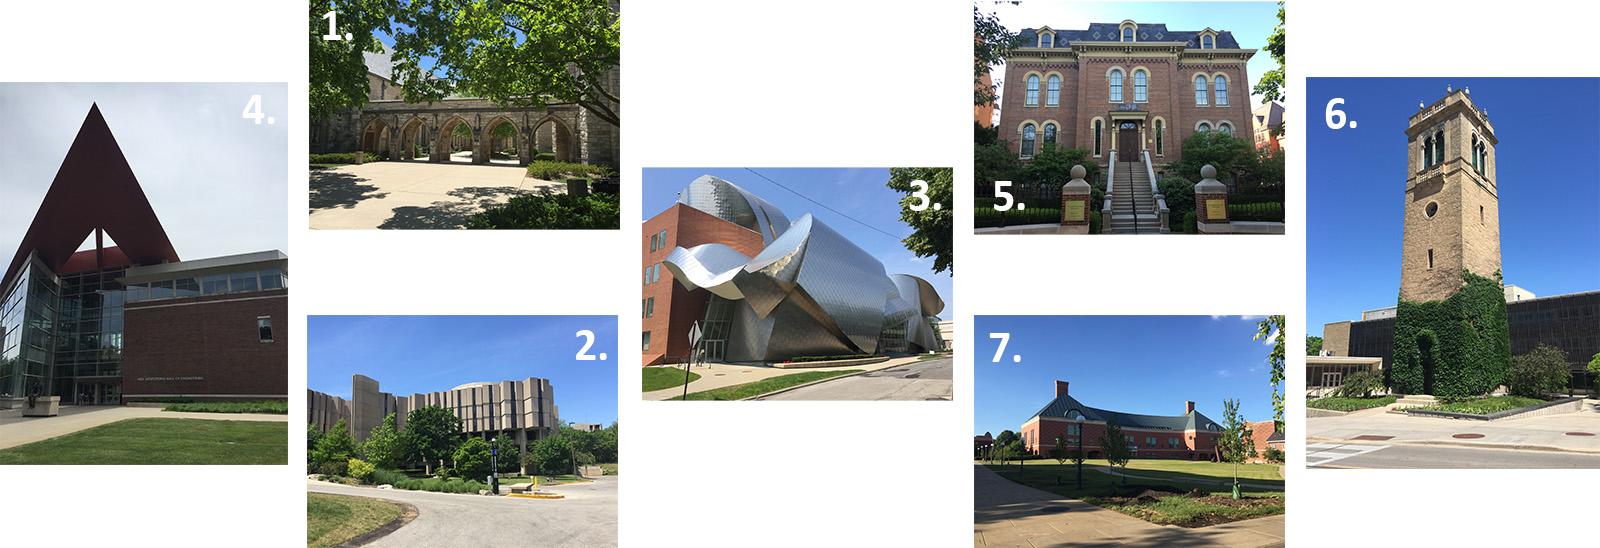 College Architecture